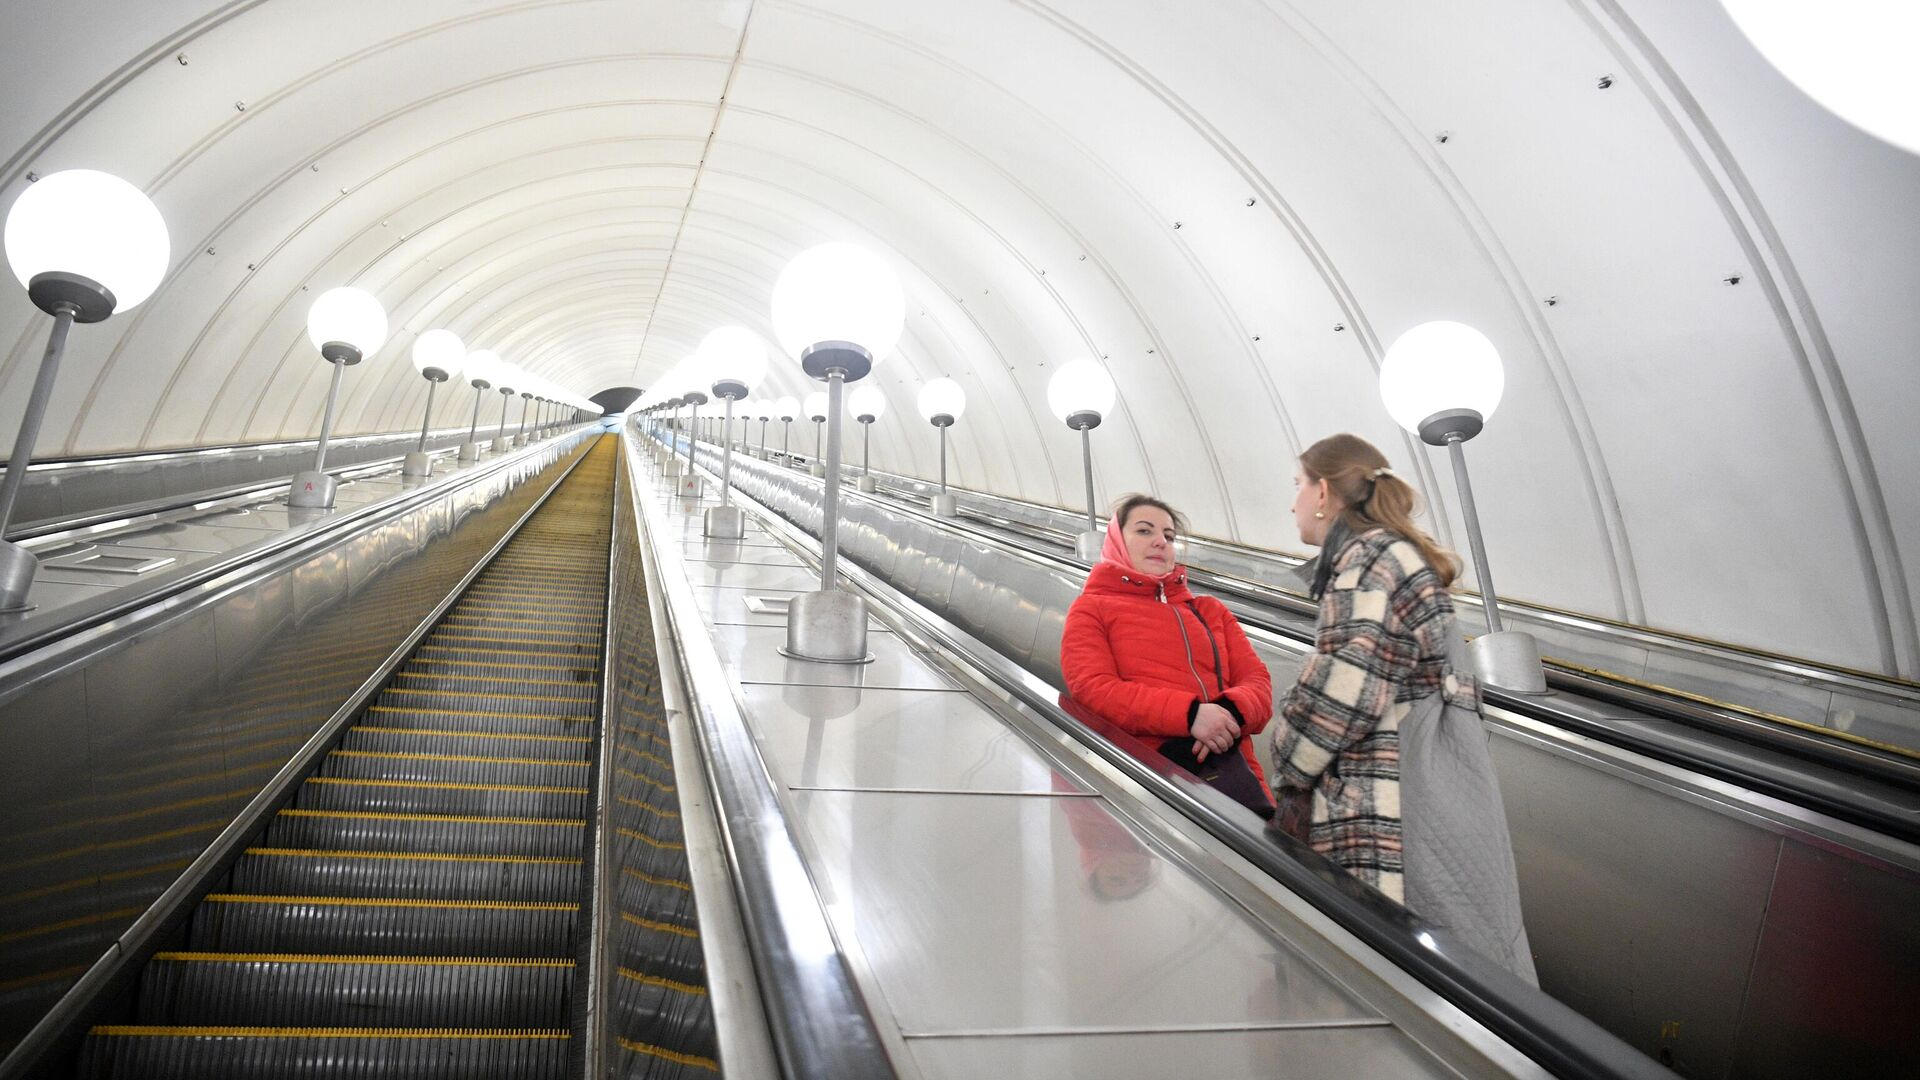 Женщины на эскалаторе станции метрополитена Парк Победы в Москве - РИА Новости, 1920, 09.05.2021